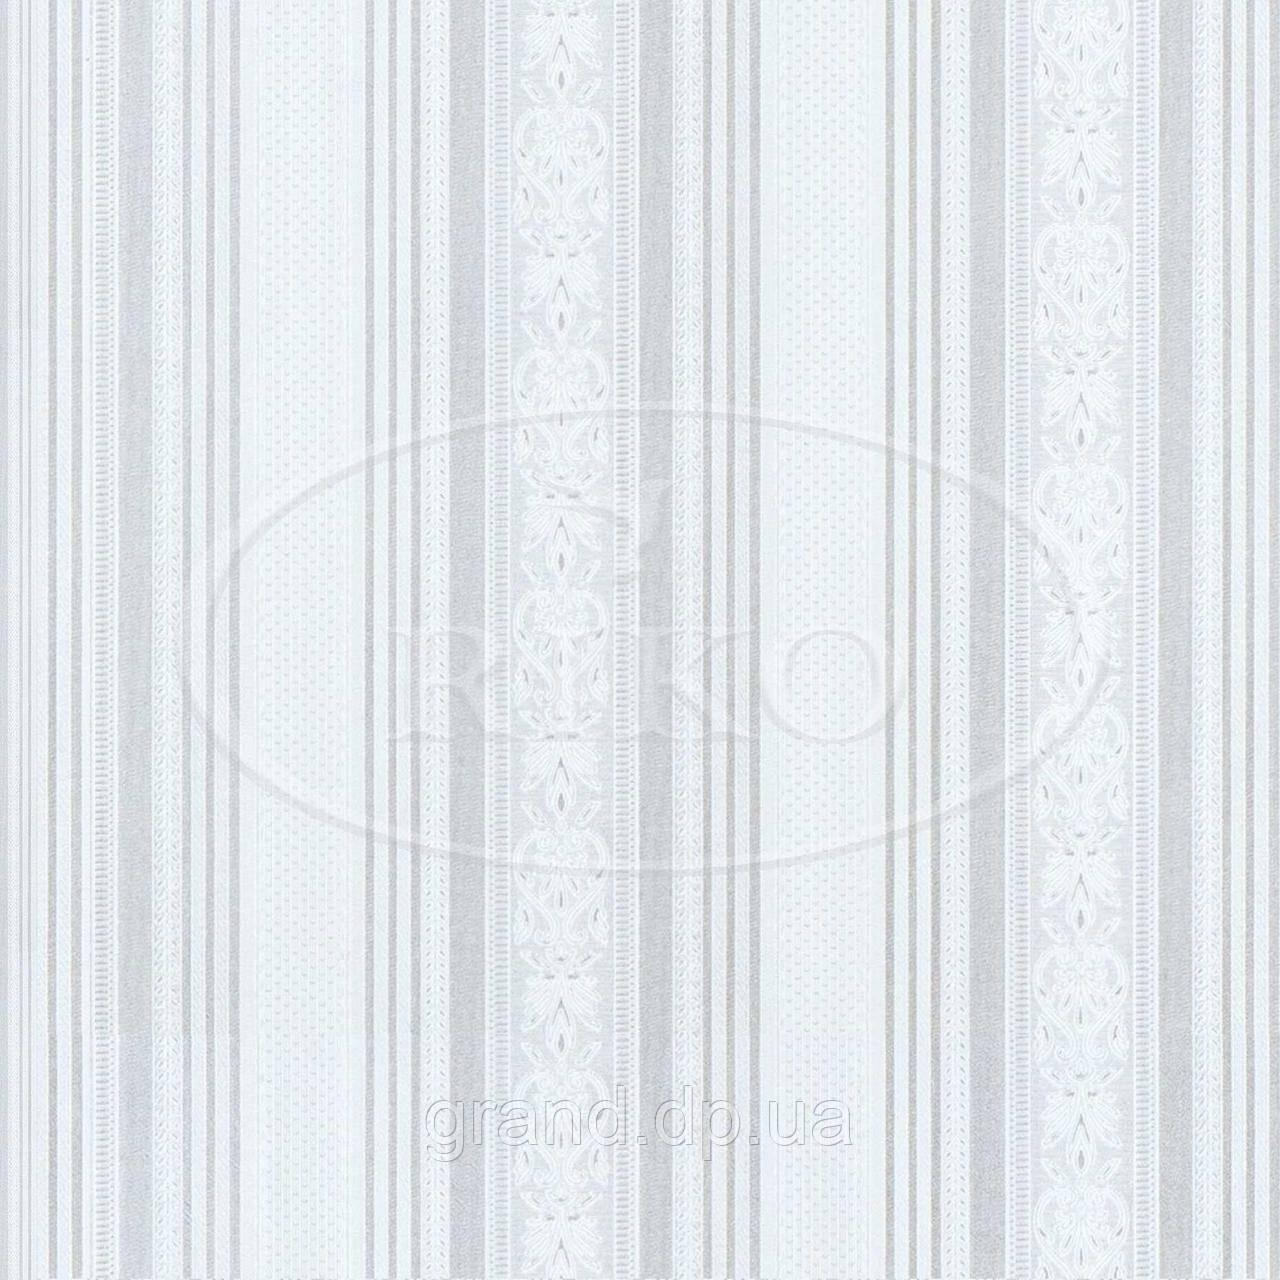 Пластиковые декоративные панели ПВХ Рико(Riko) 250*8*3000мм Элегант с Термопереводом бесшовные